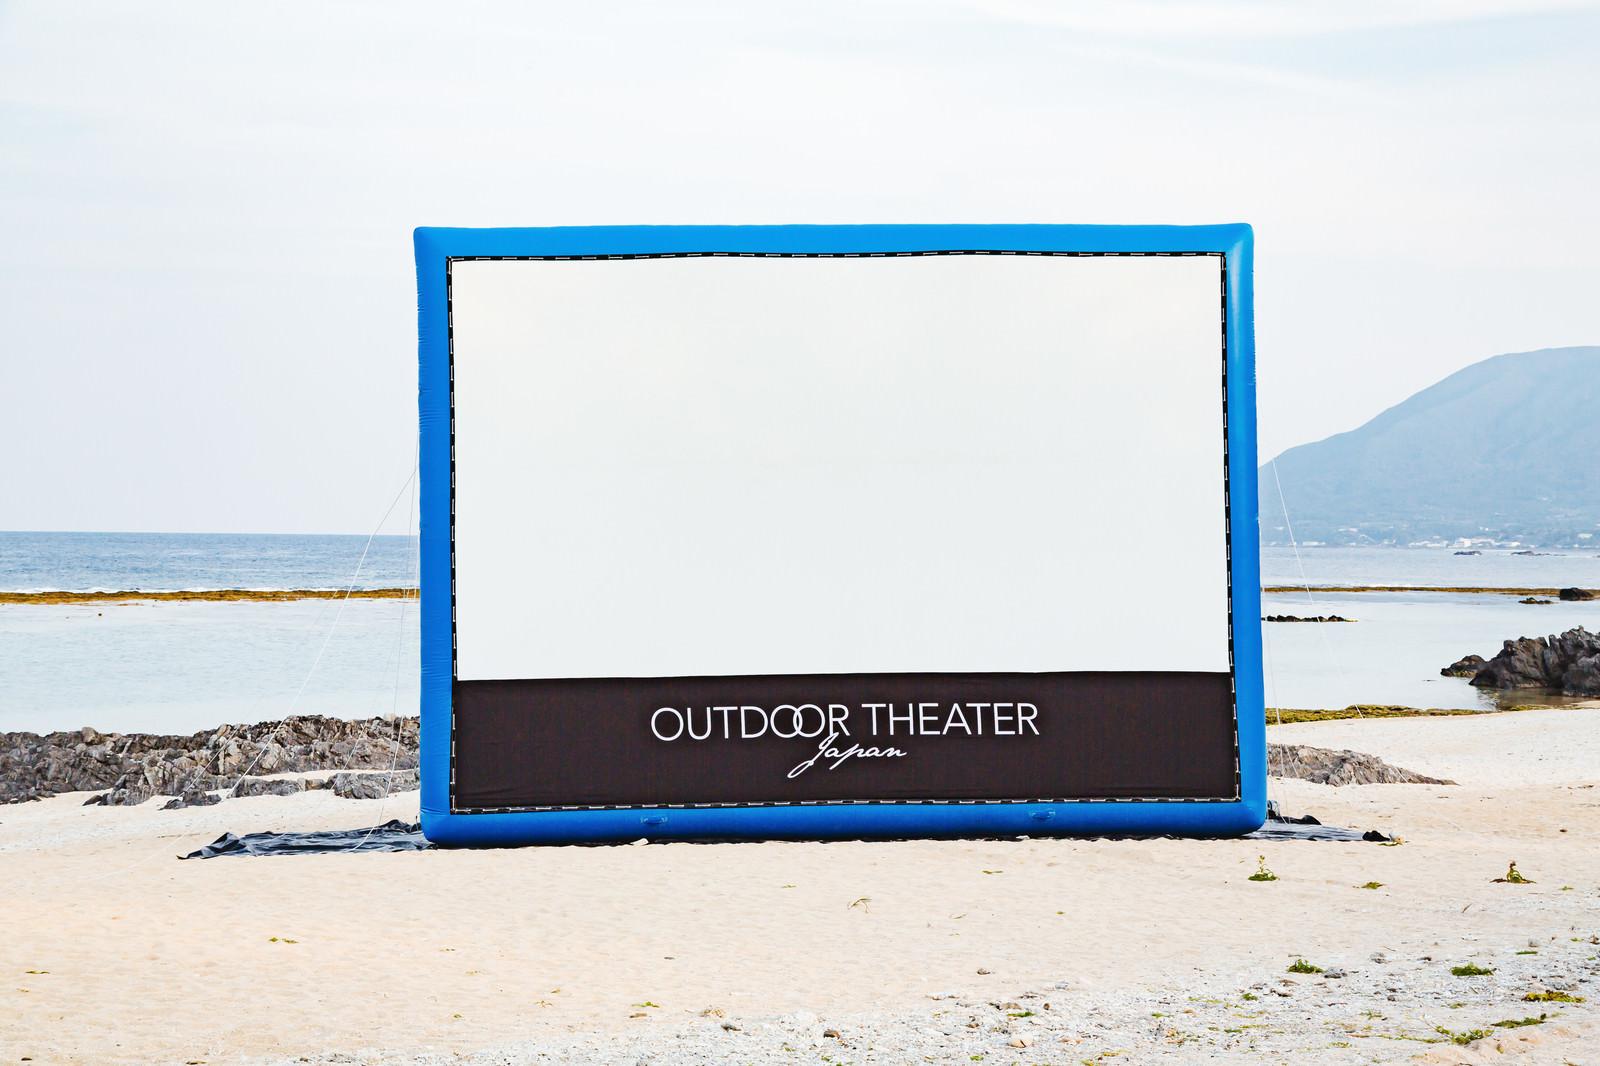 「巨大スクリーンのアウトドアシアター」の写真